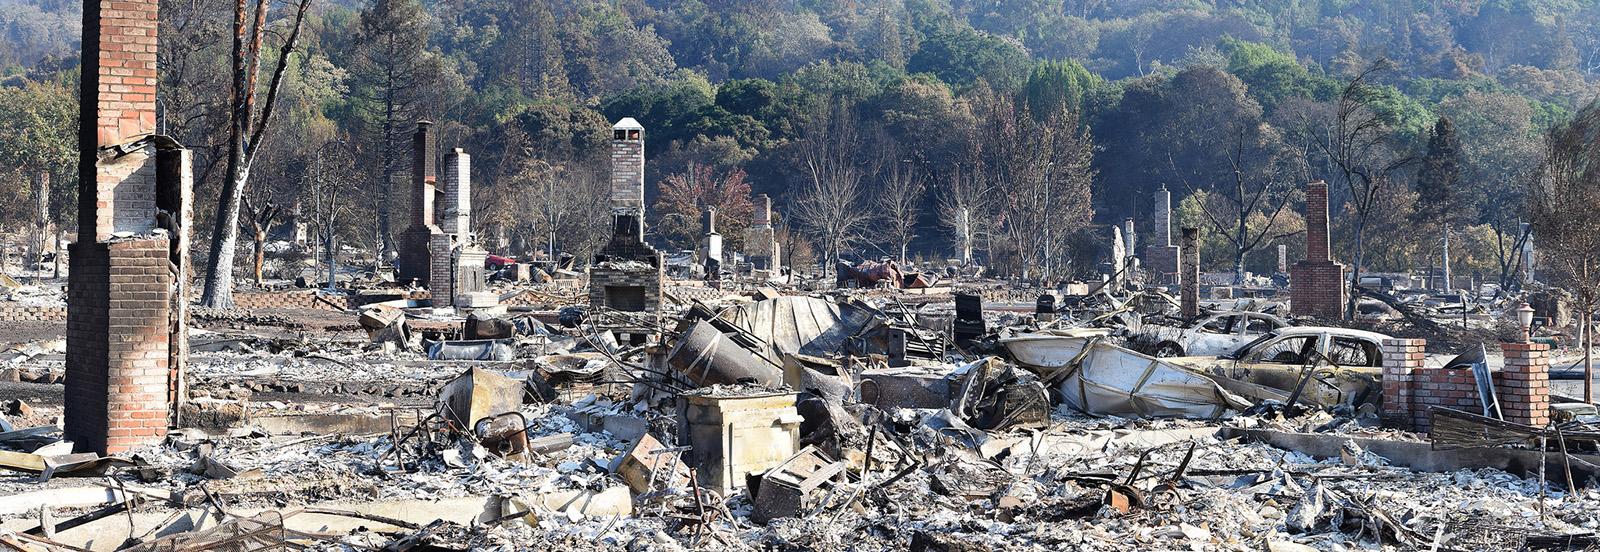 Santa Rosa Fires,  Flickr